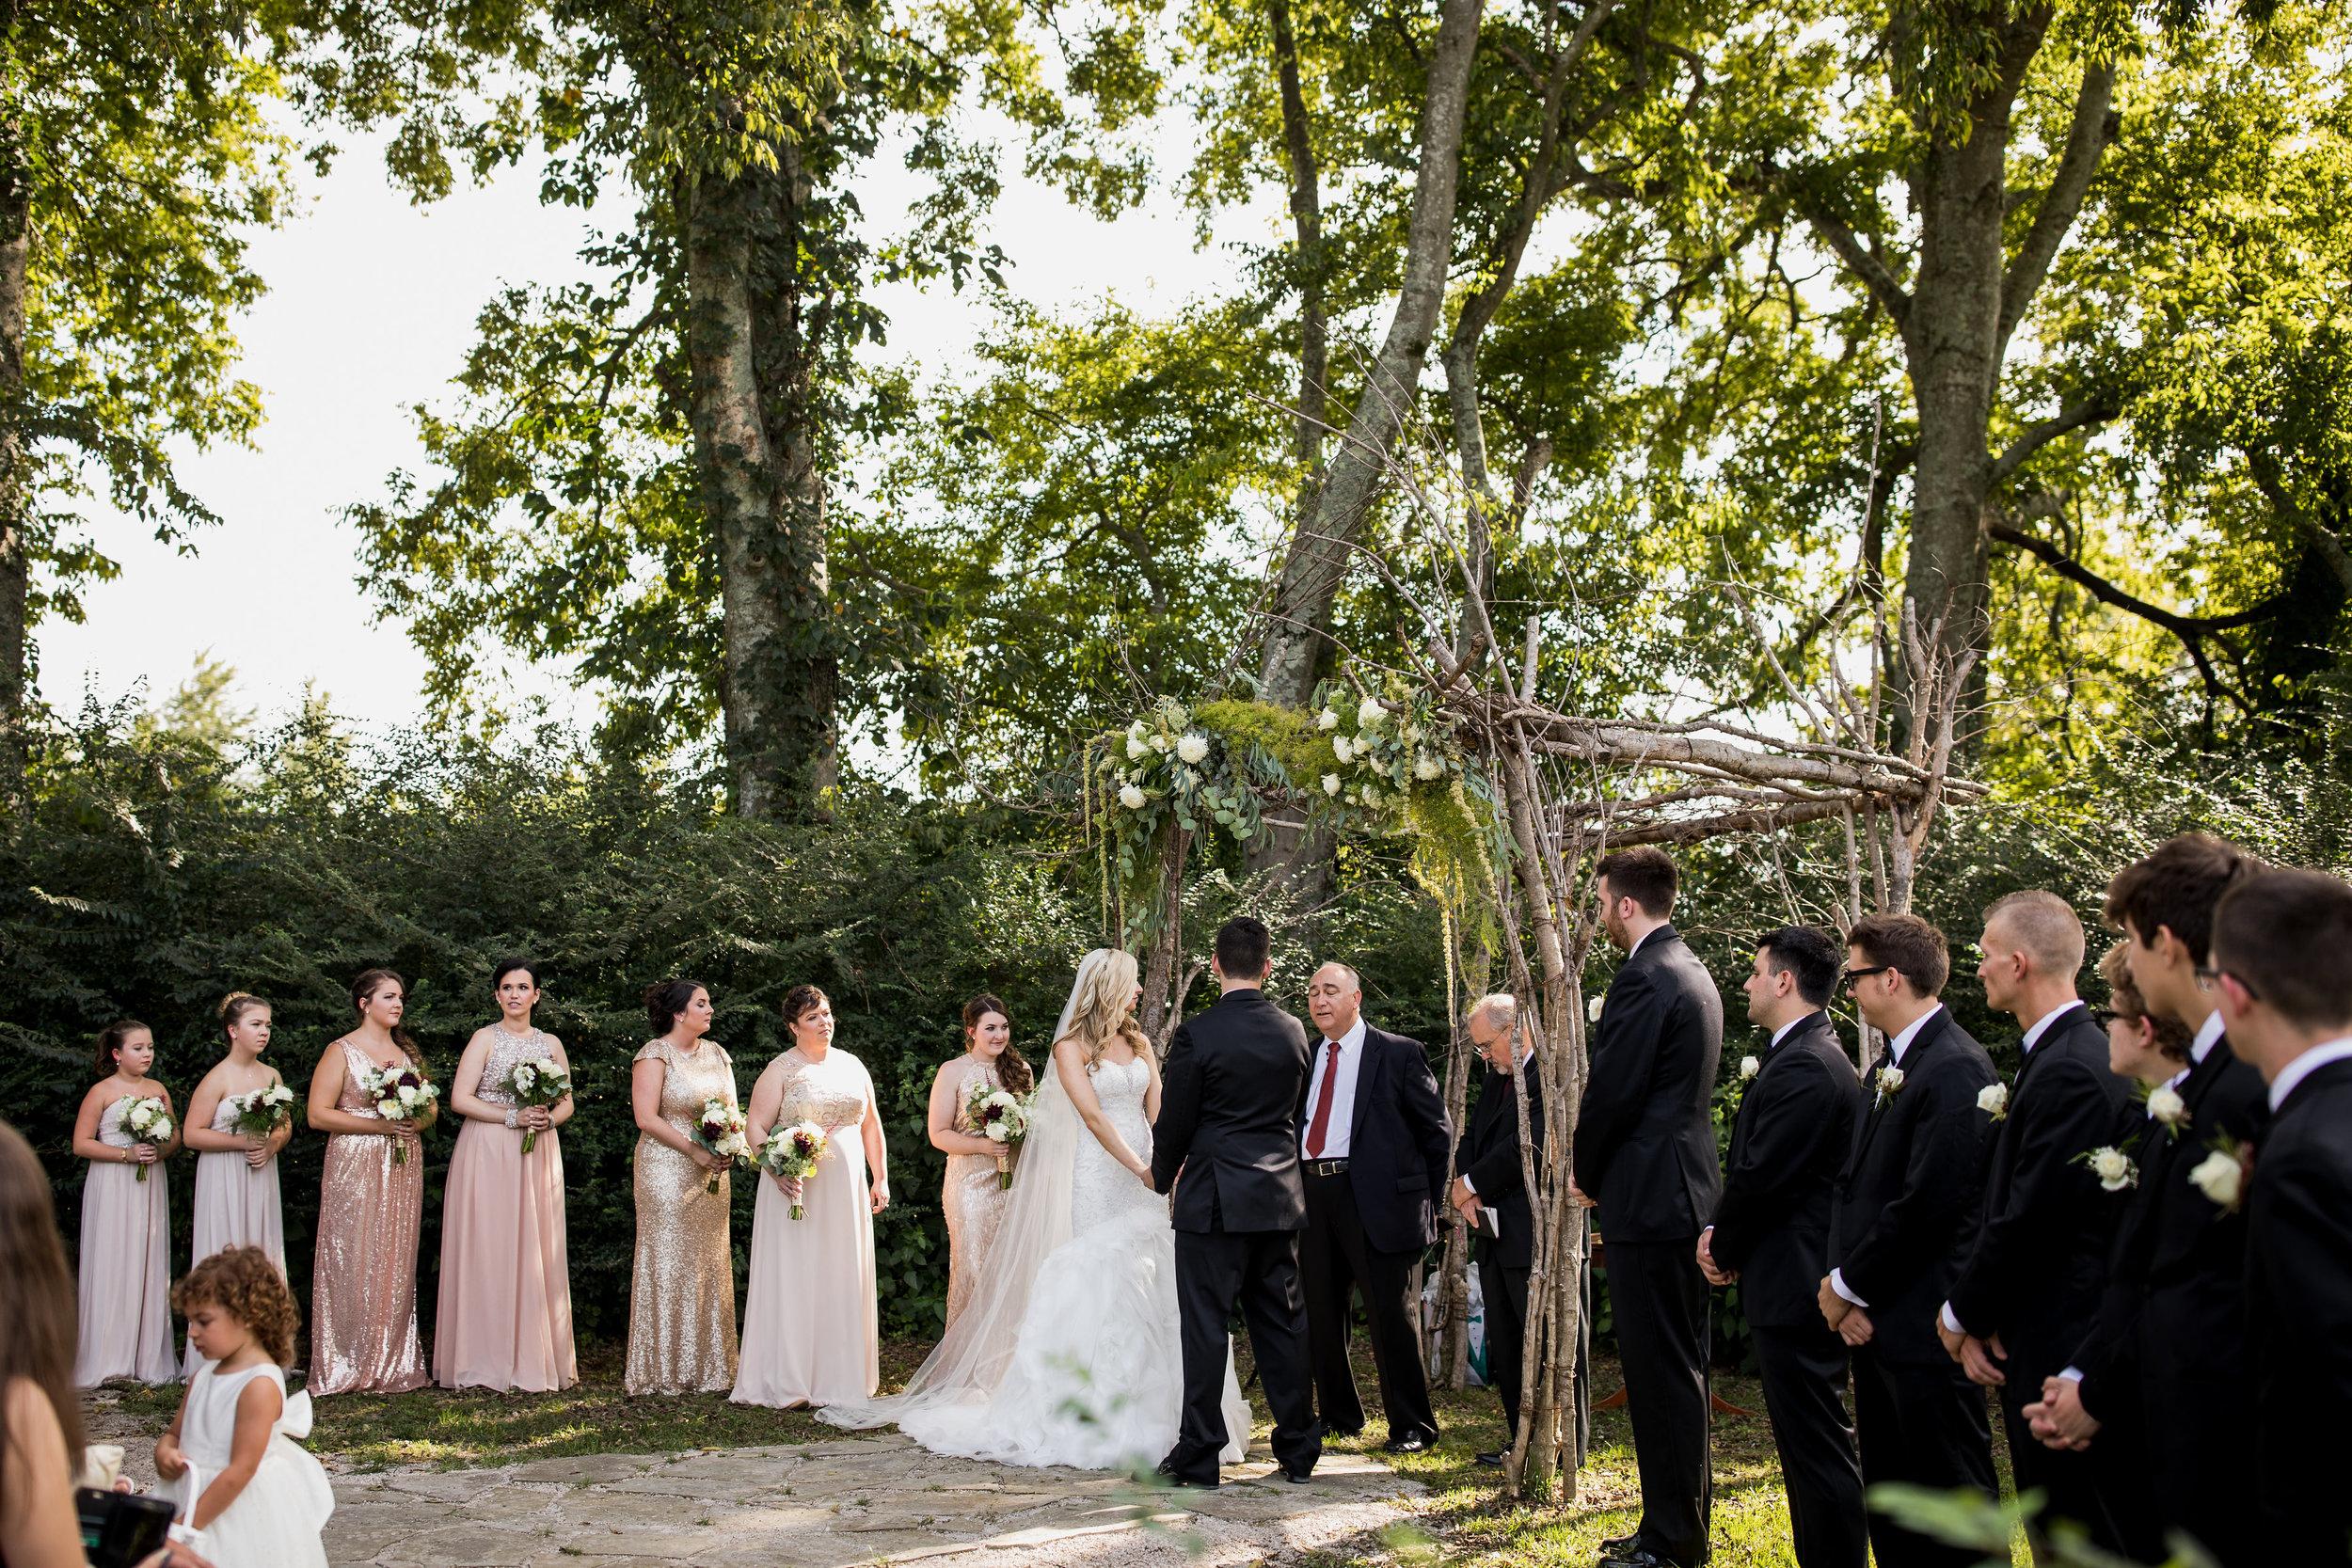 Meadow-Hill-Farm-Wedding 19.jpg